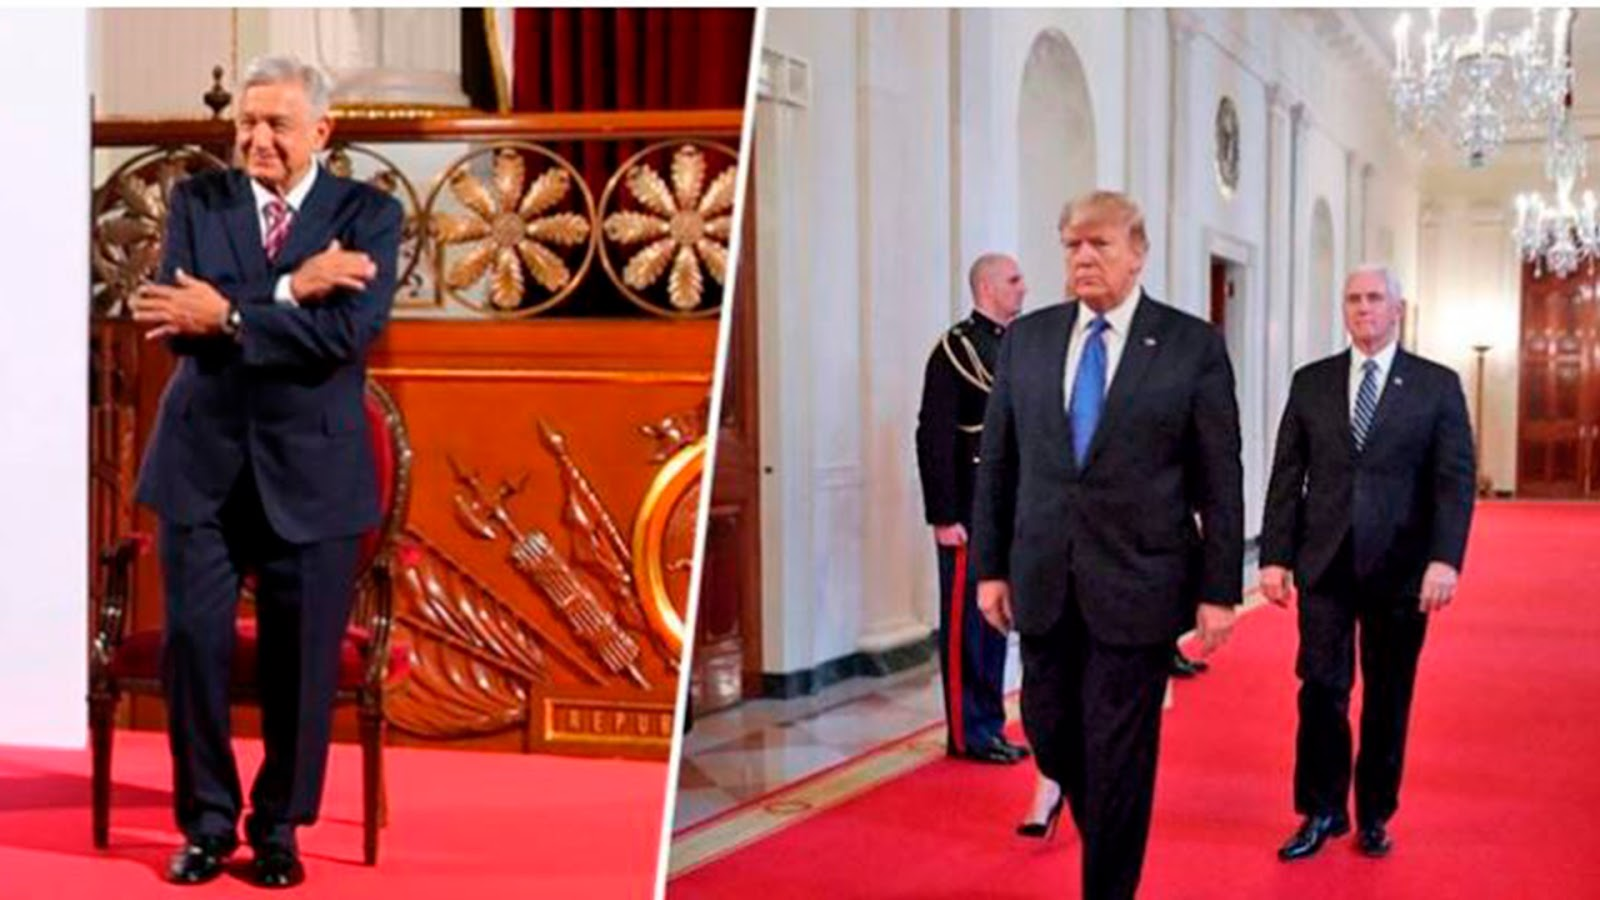 Lo vamos a recibir con alfombra roja, como lo merece: embajador de EU ante visita de AMLO